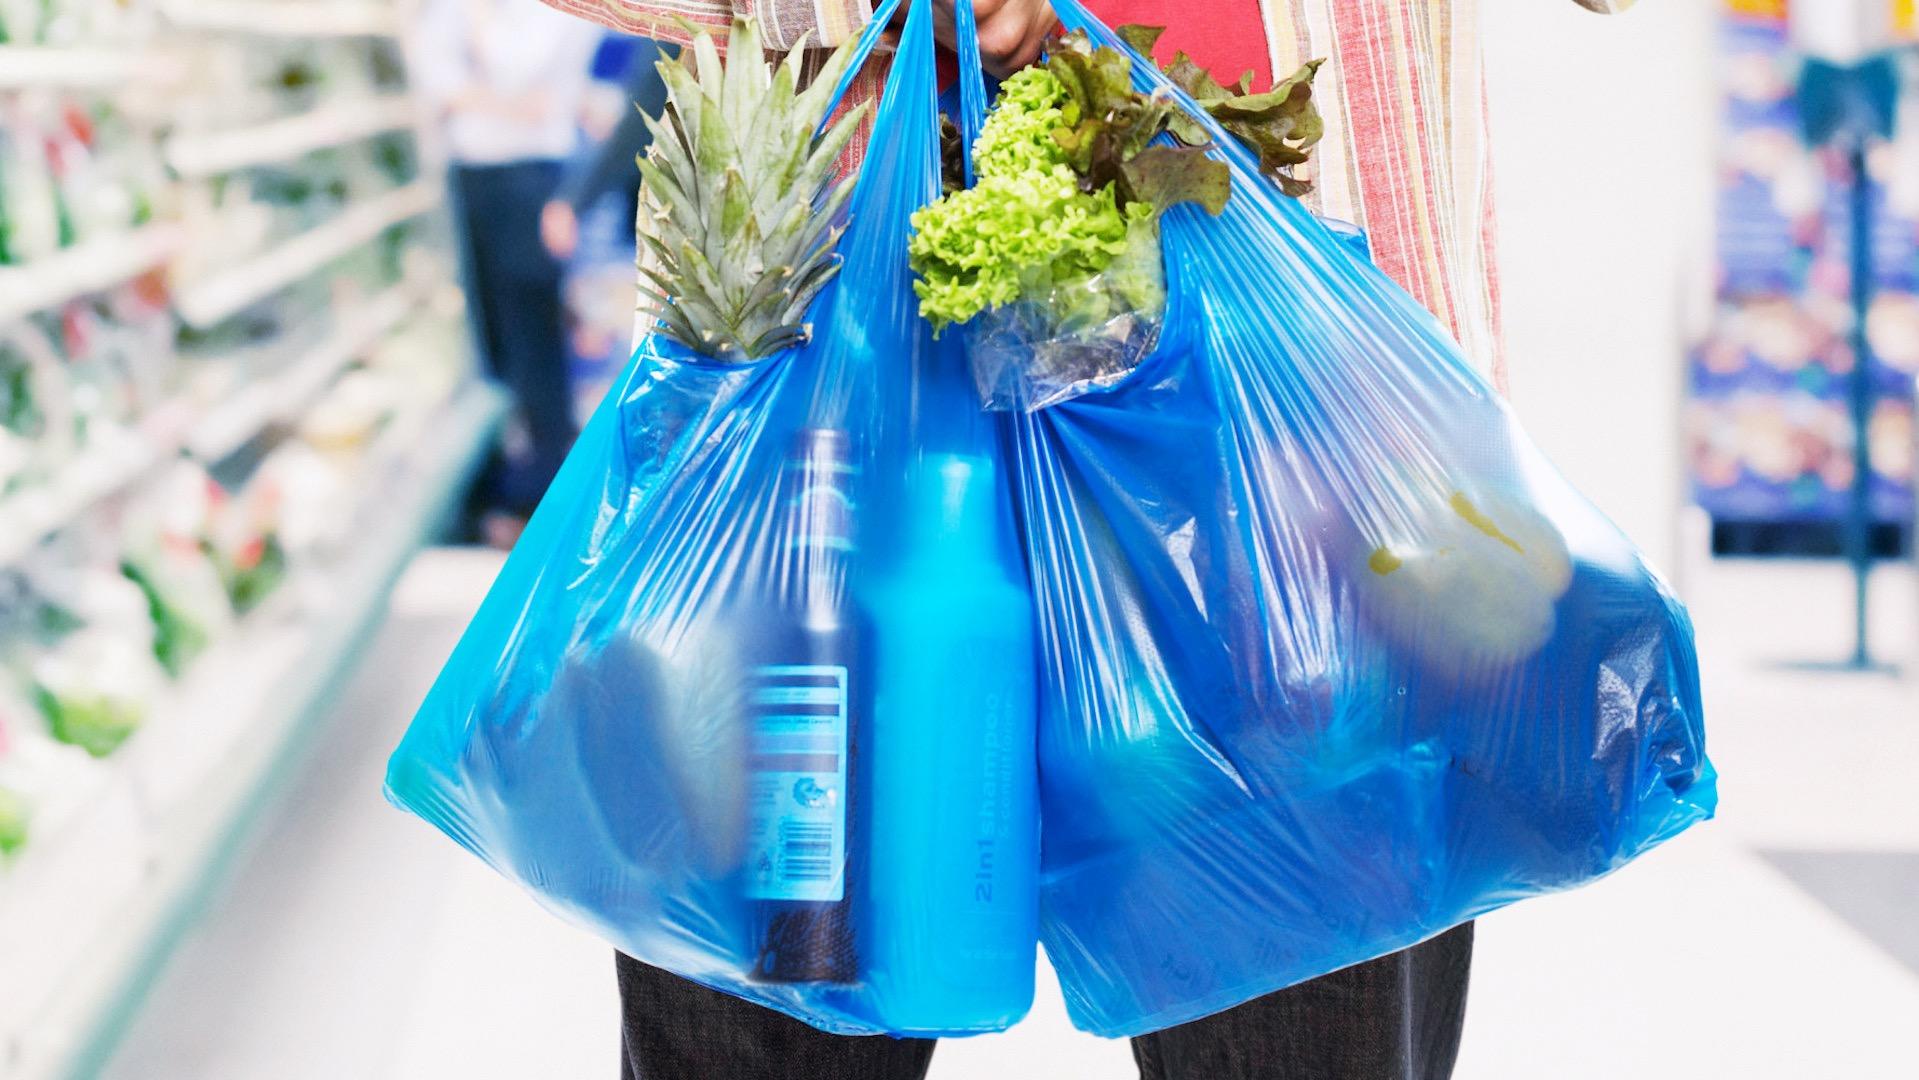 Antofagasta cada vez más verde: restringen uso de bolsas plásticas en los supermercados